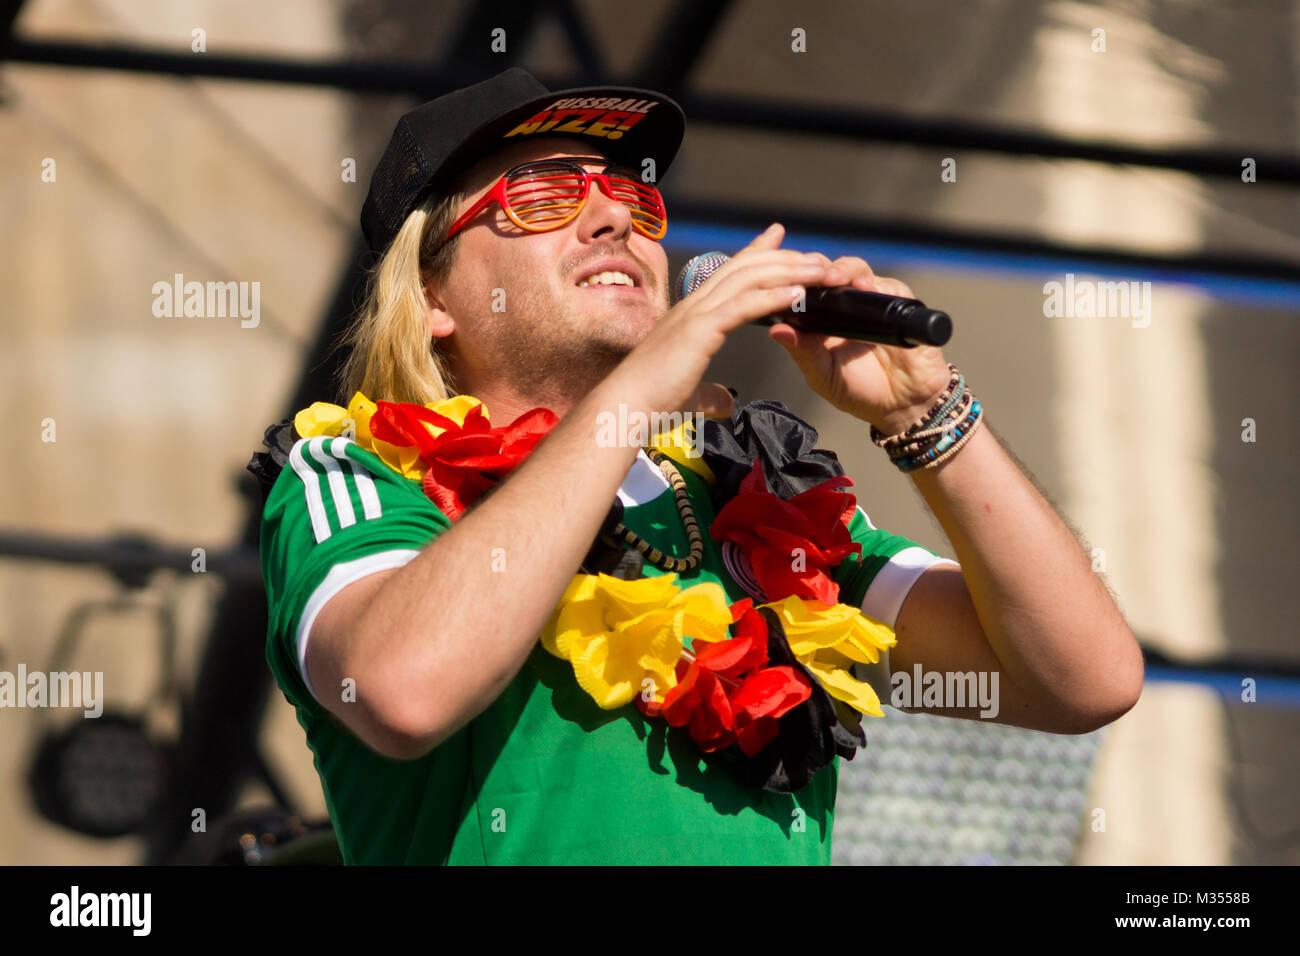 Die Atzen auf der Fanmeile zur Europameisterschaft 2012 Deutschland gegen Griechenland am Brandenburger Tor en Berlín. Foto de stock